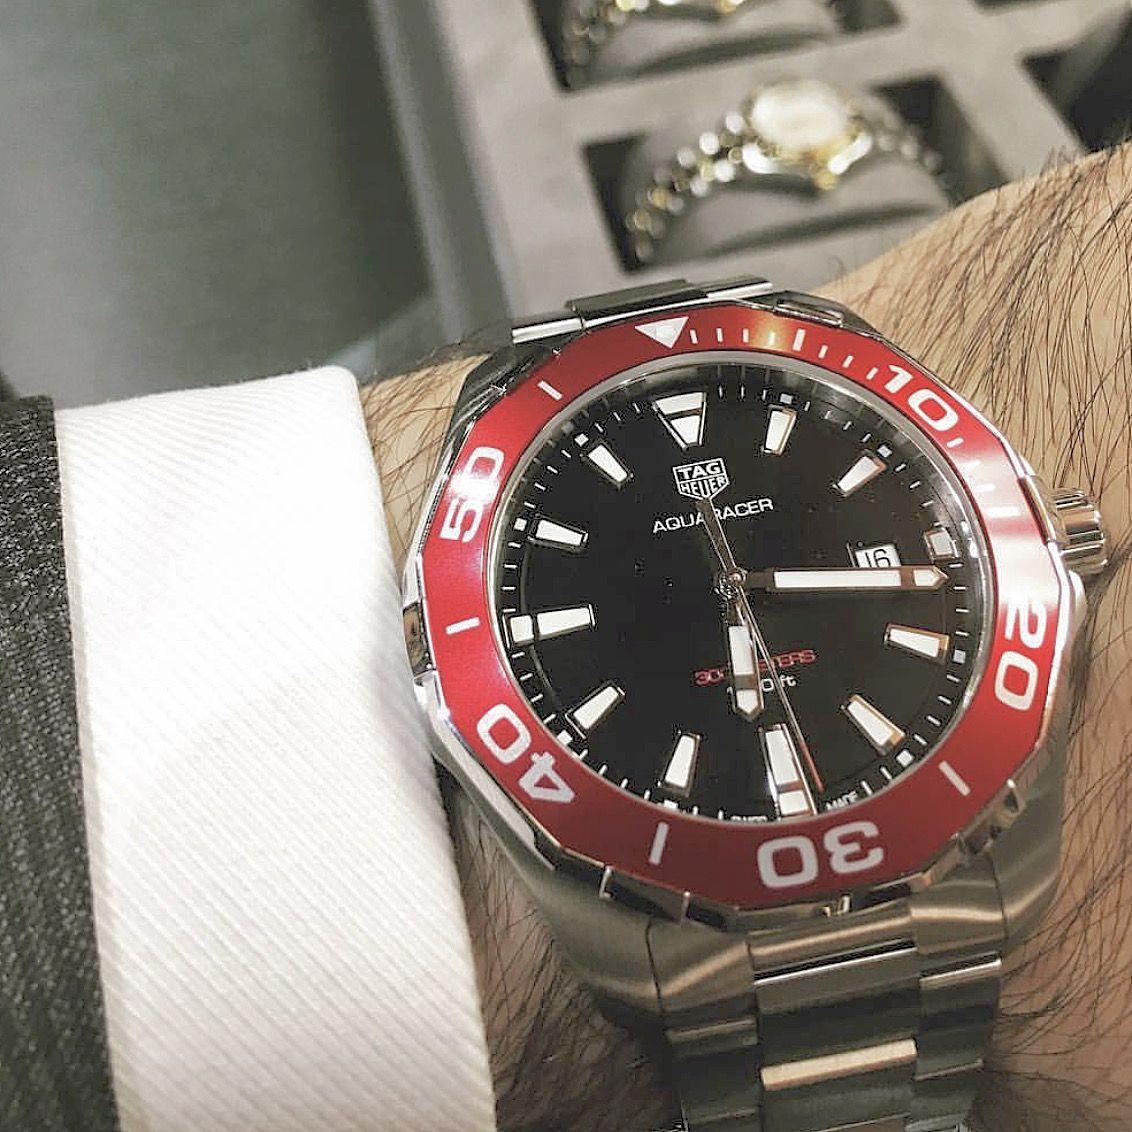 f553a0a8cb0 2017 TAG Heuer Aquaracer 300m Red Aluminium bezel by  alonbenjoseph   tagheuer  aquaracer  quartzpower  calibre11